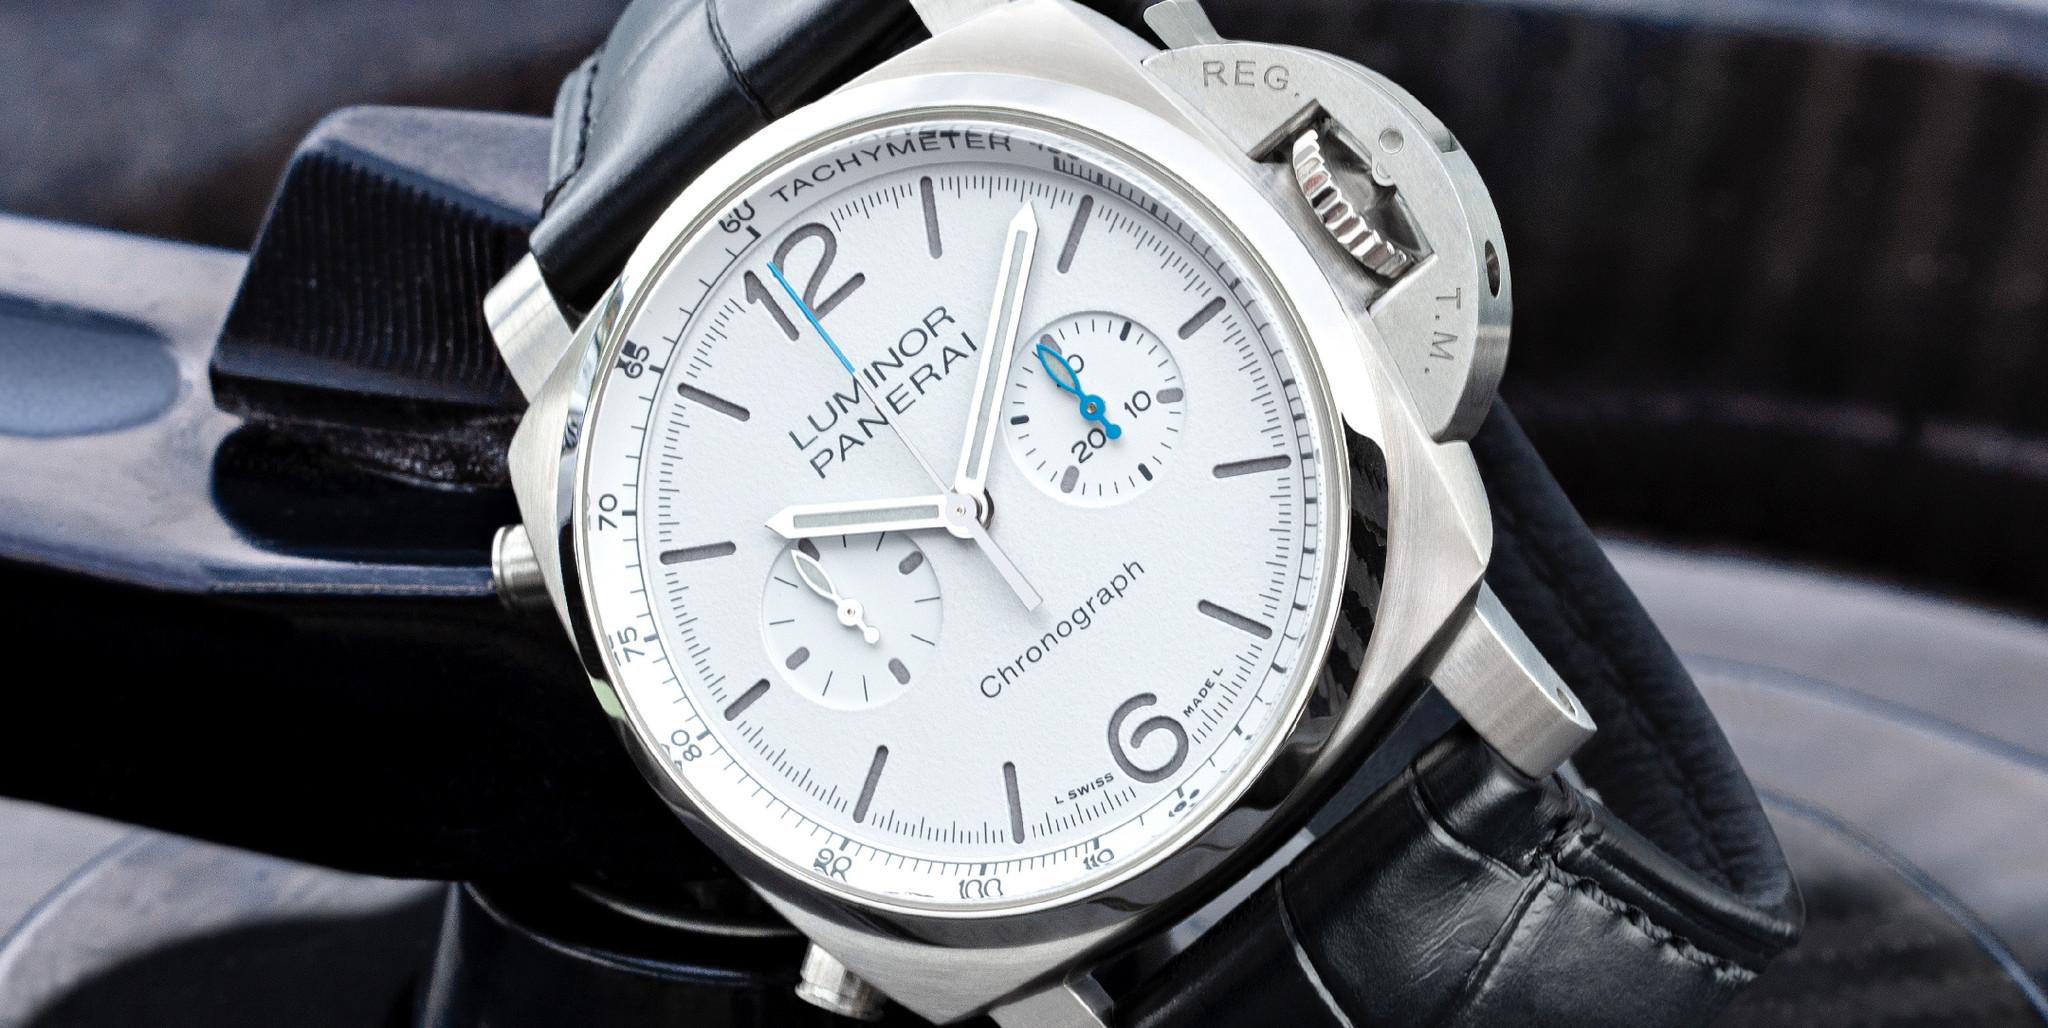 Ontdek hier stoere Panerai horloges met een chronograaf functie!